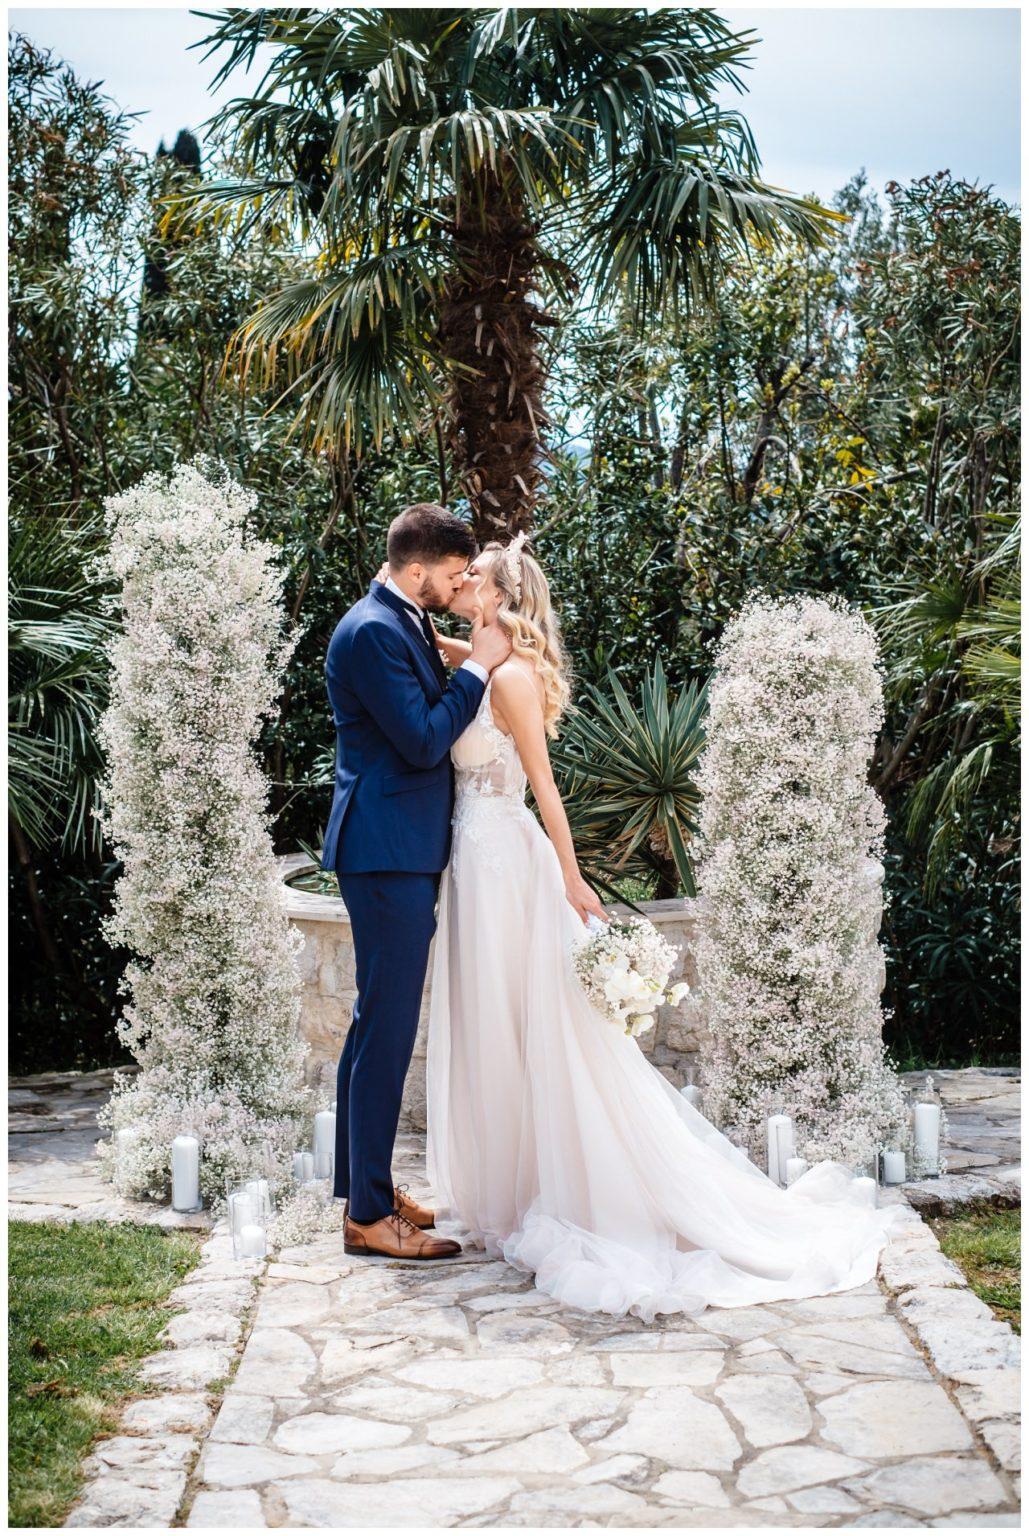 Hochzeit Villa Kroatien Hochzeitsplanung Fotograf 15 - Romantische Hochzeit in einer Villa